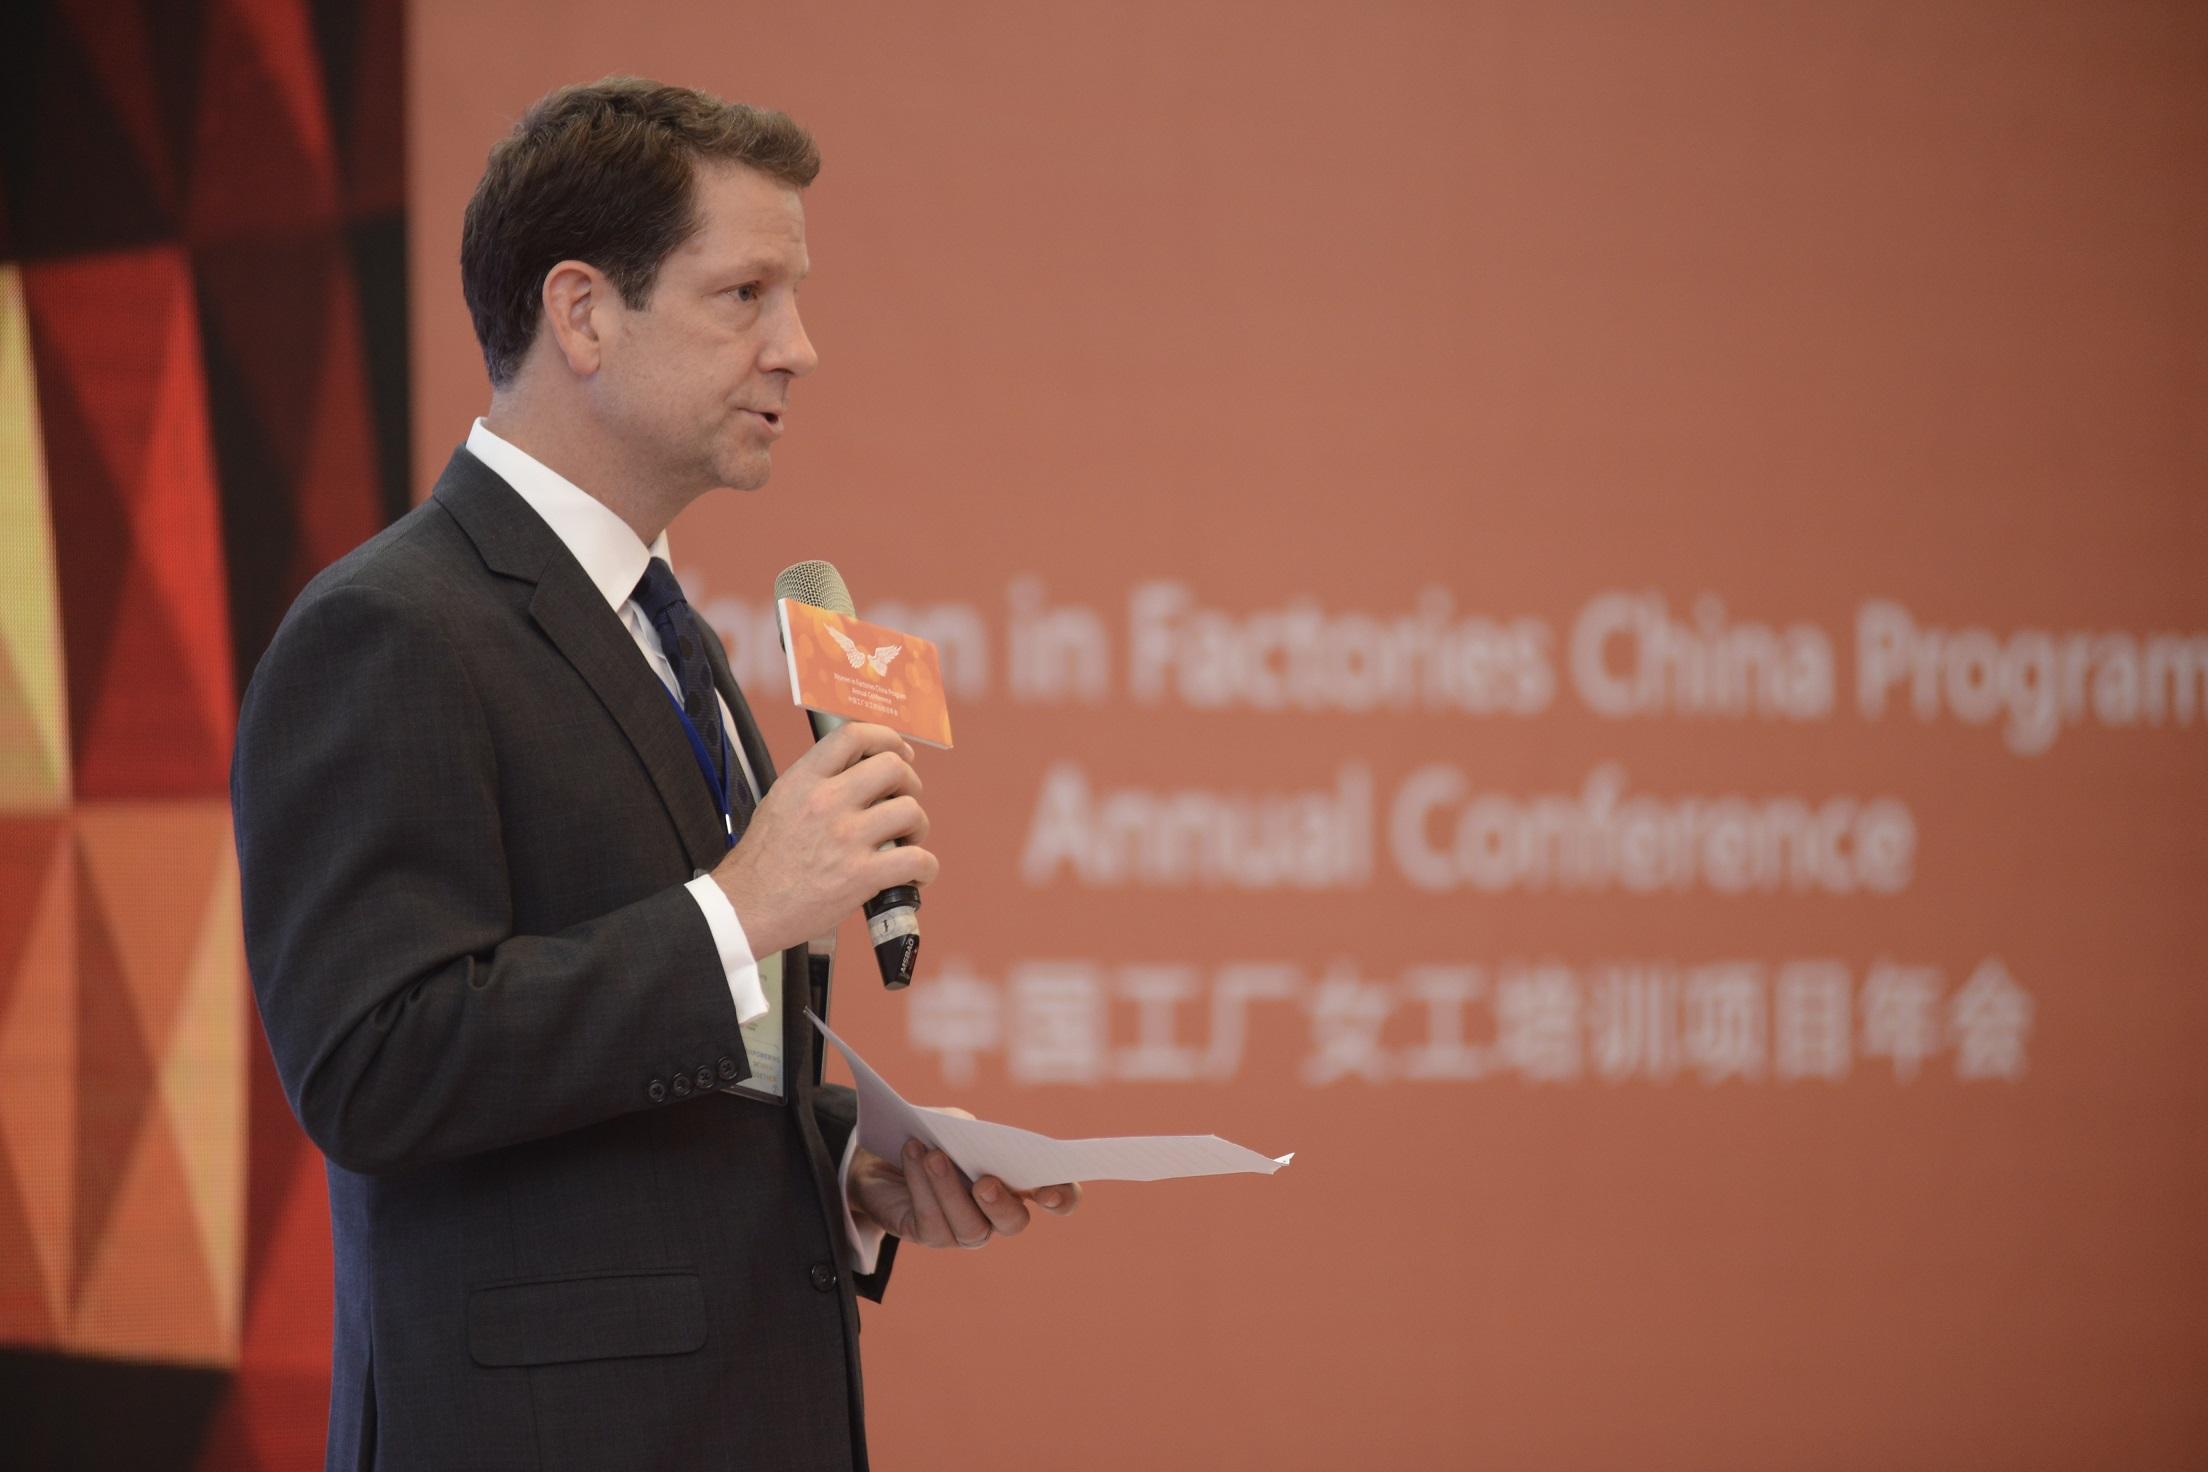 沃尔玛与BSR发布中国工厂女工培训项目五年成果